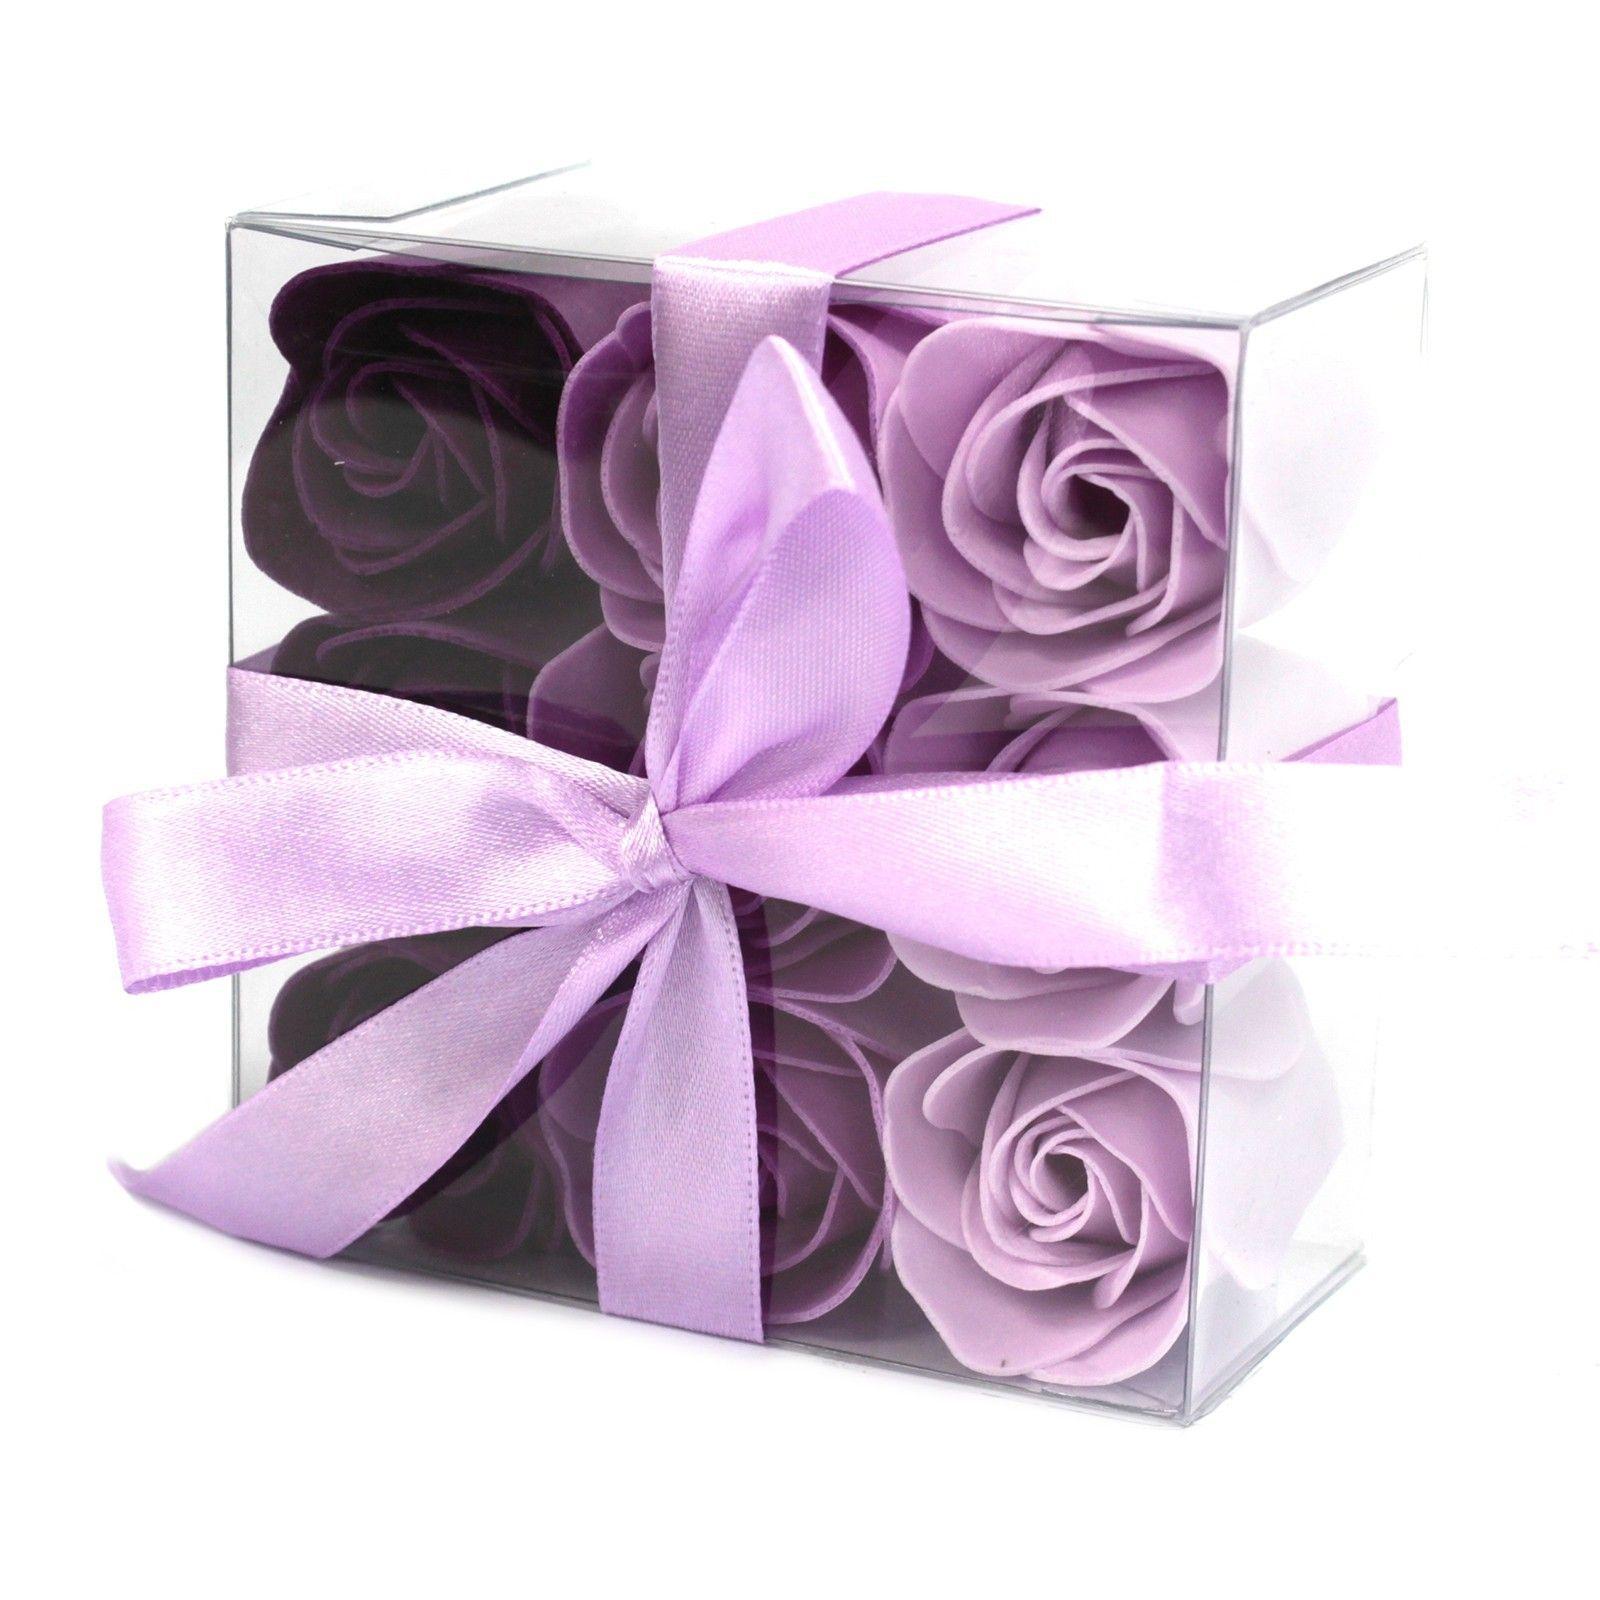 Sada 9 Mýdlových květů - Levandulové růže AWGifts